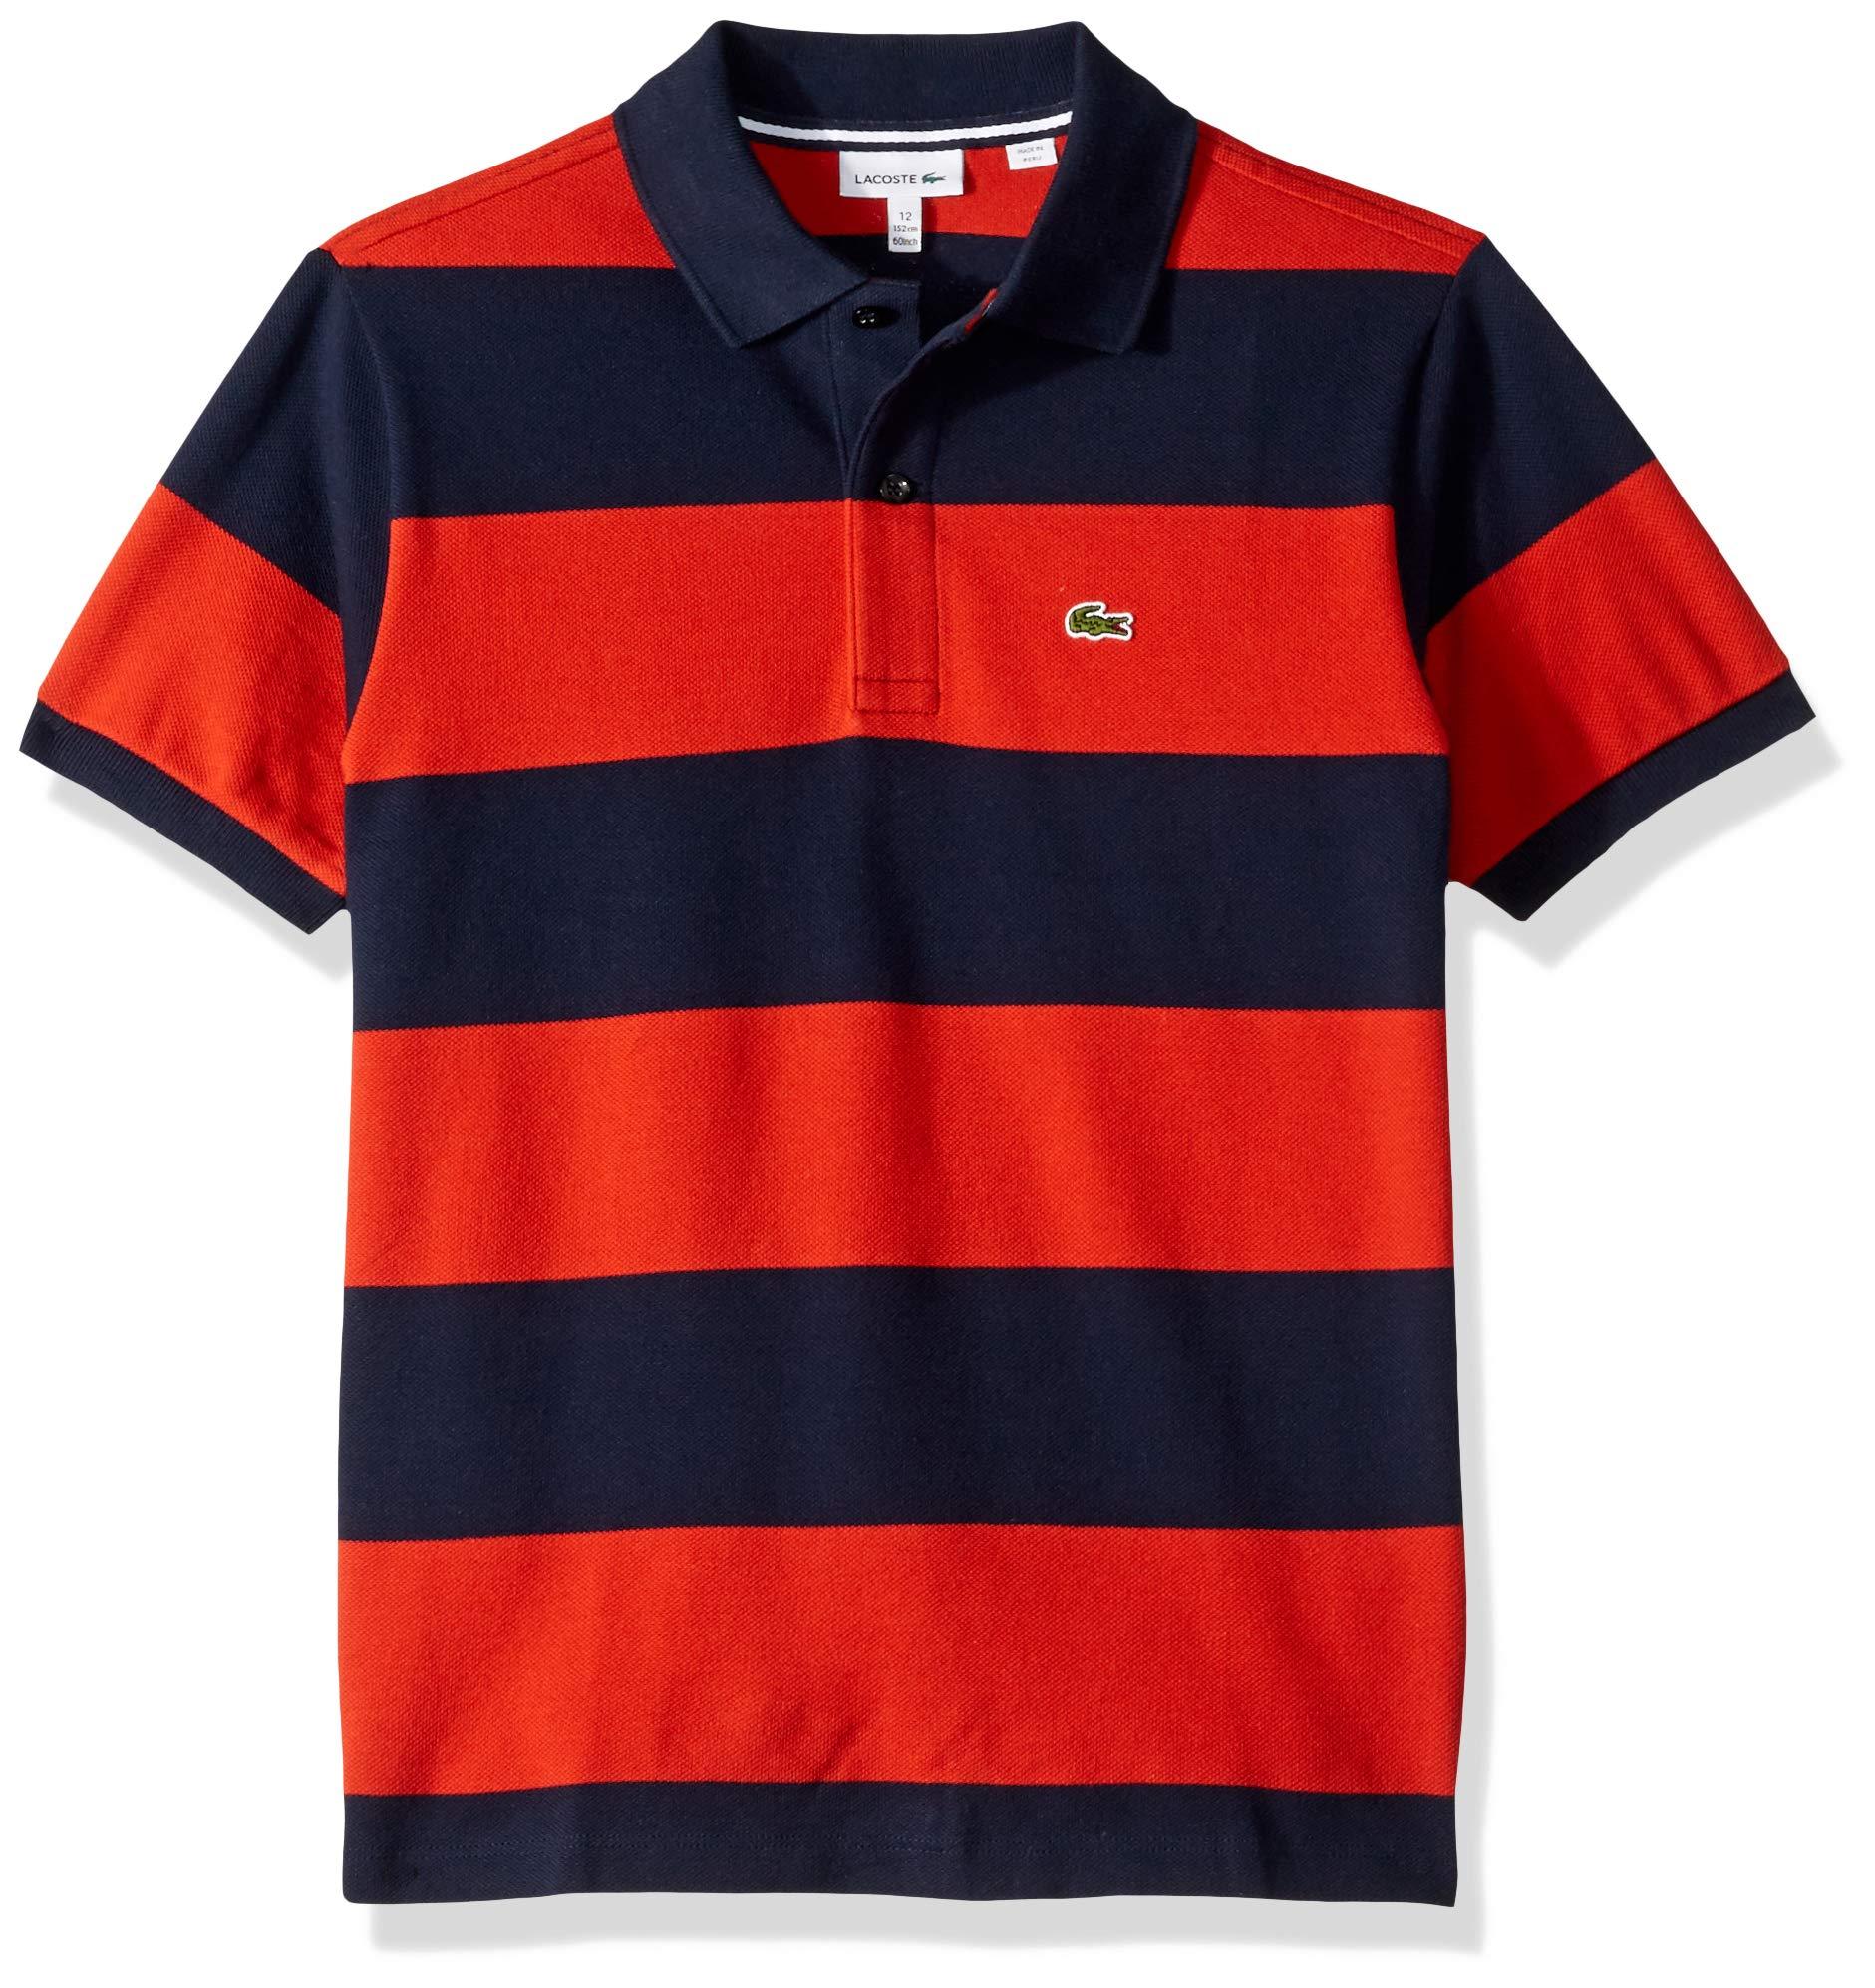 Lacoste Toddler Boys' Striped Cottom Pique Polo, Navy Blue/SALVIA, 3YR